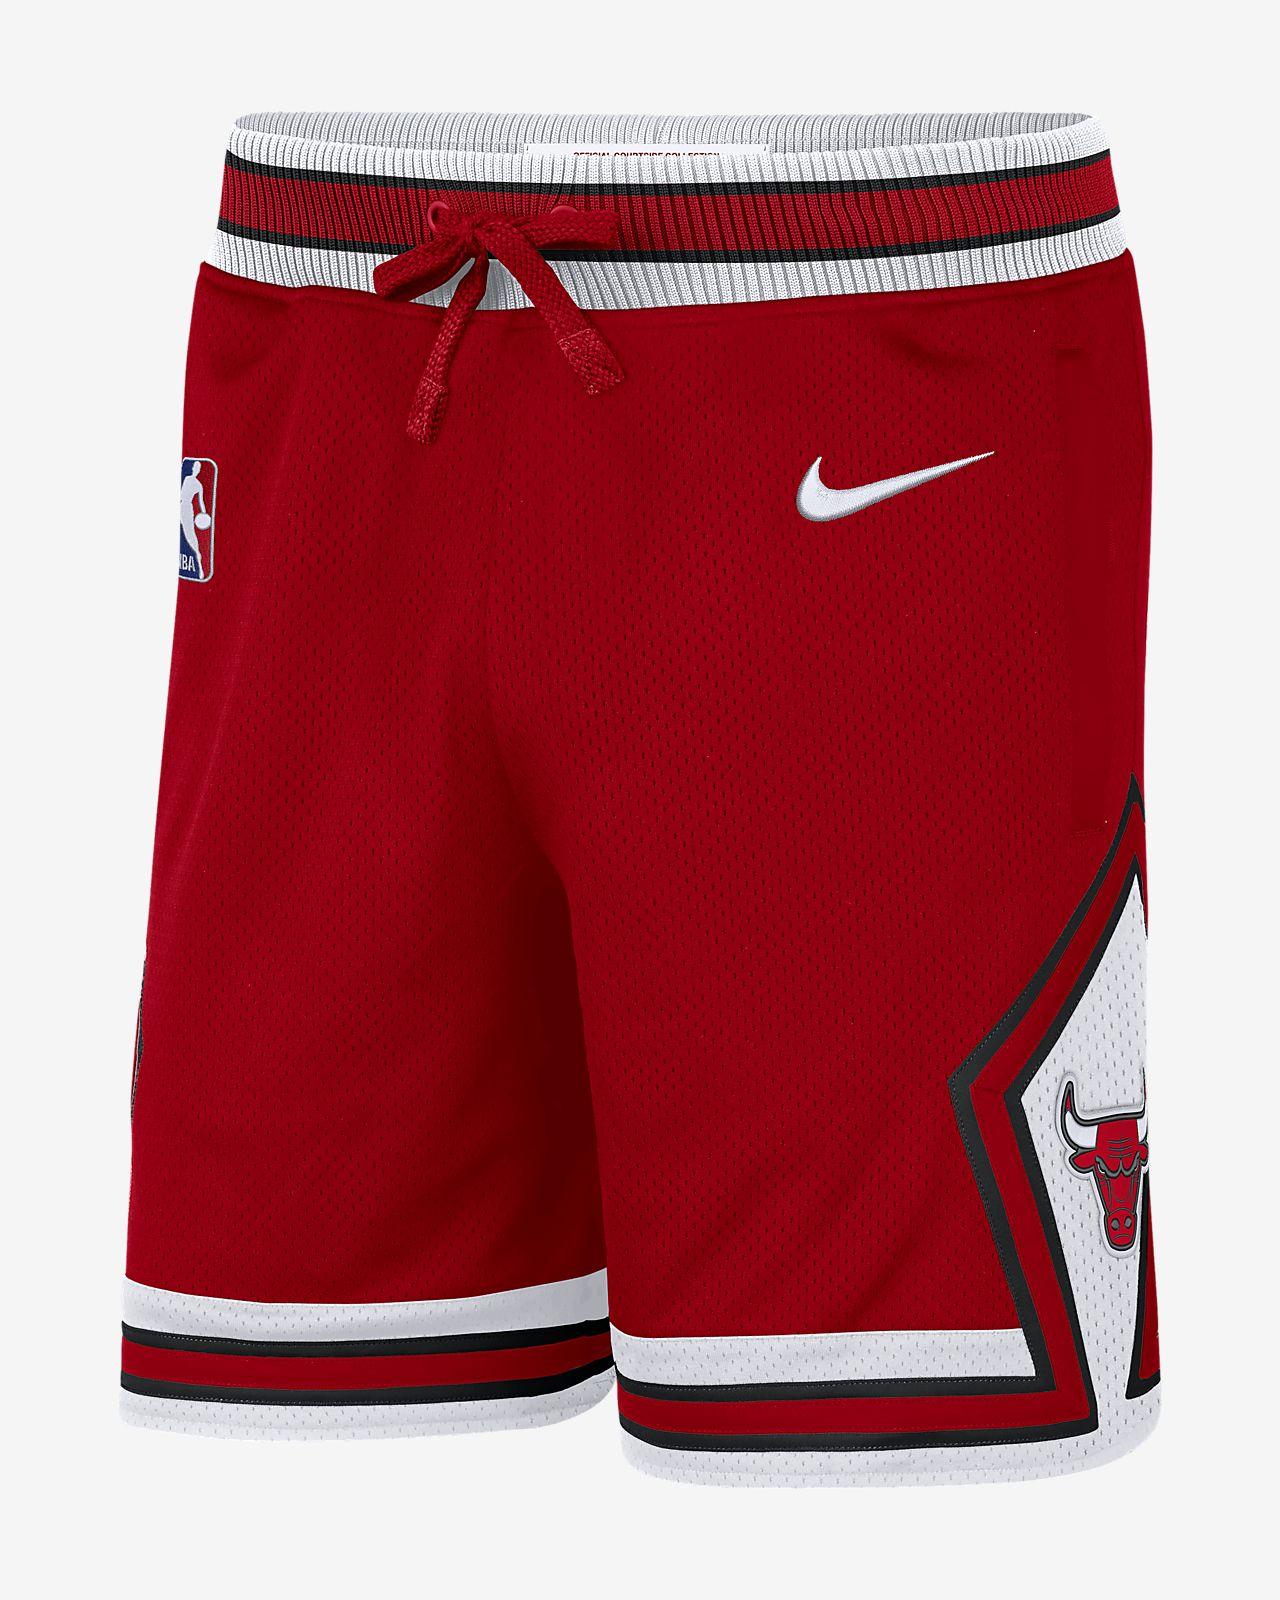 Chicago Nike Courtside Nba Short Bulls Pour HommeFr FKl1Jc3uT